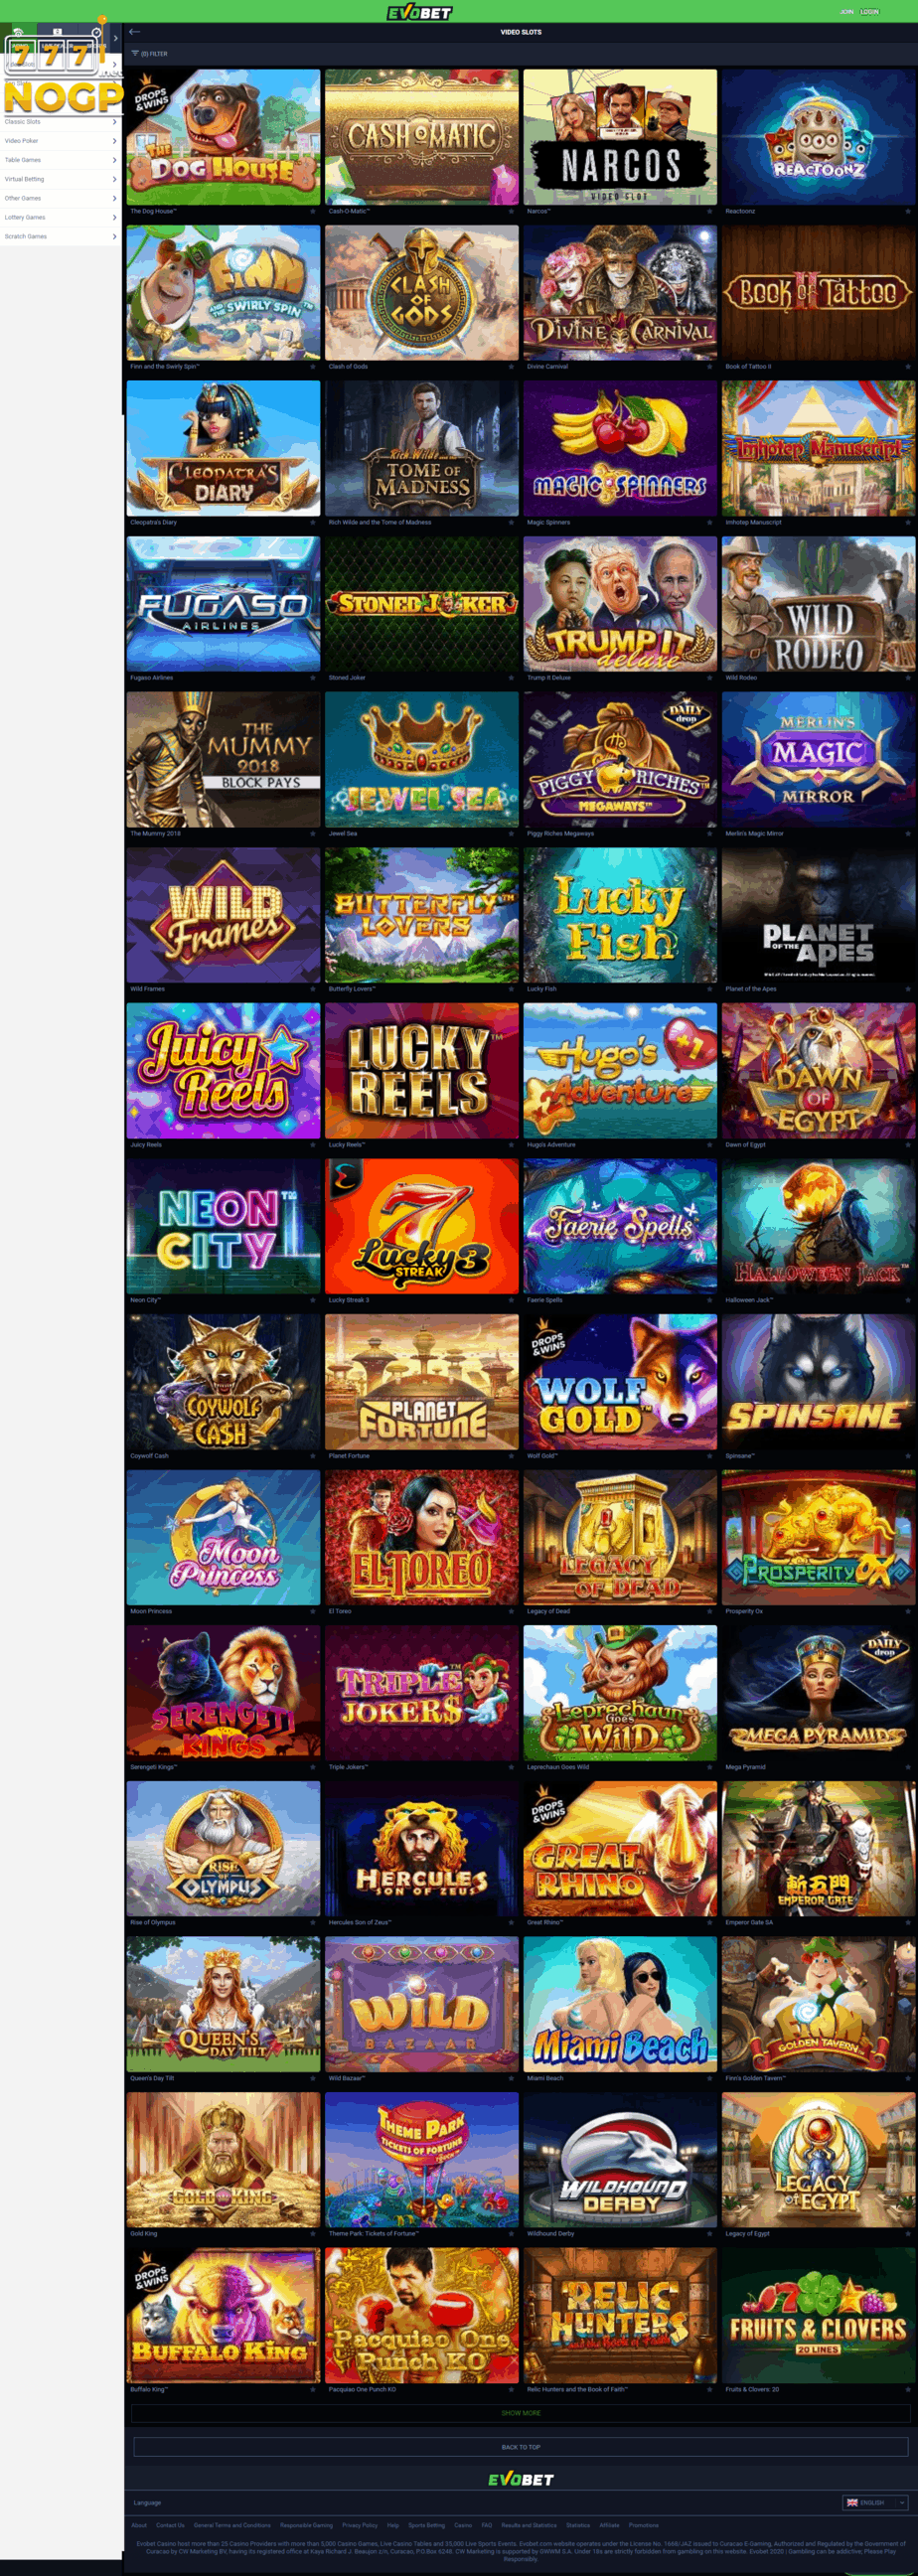 Evobet Casino Bonus Codes 2021